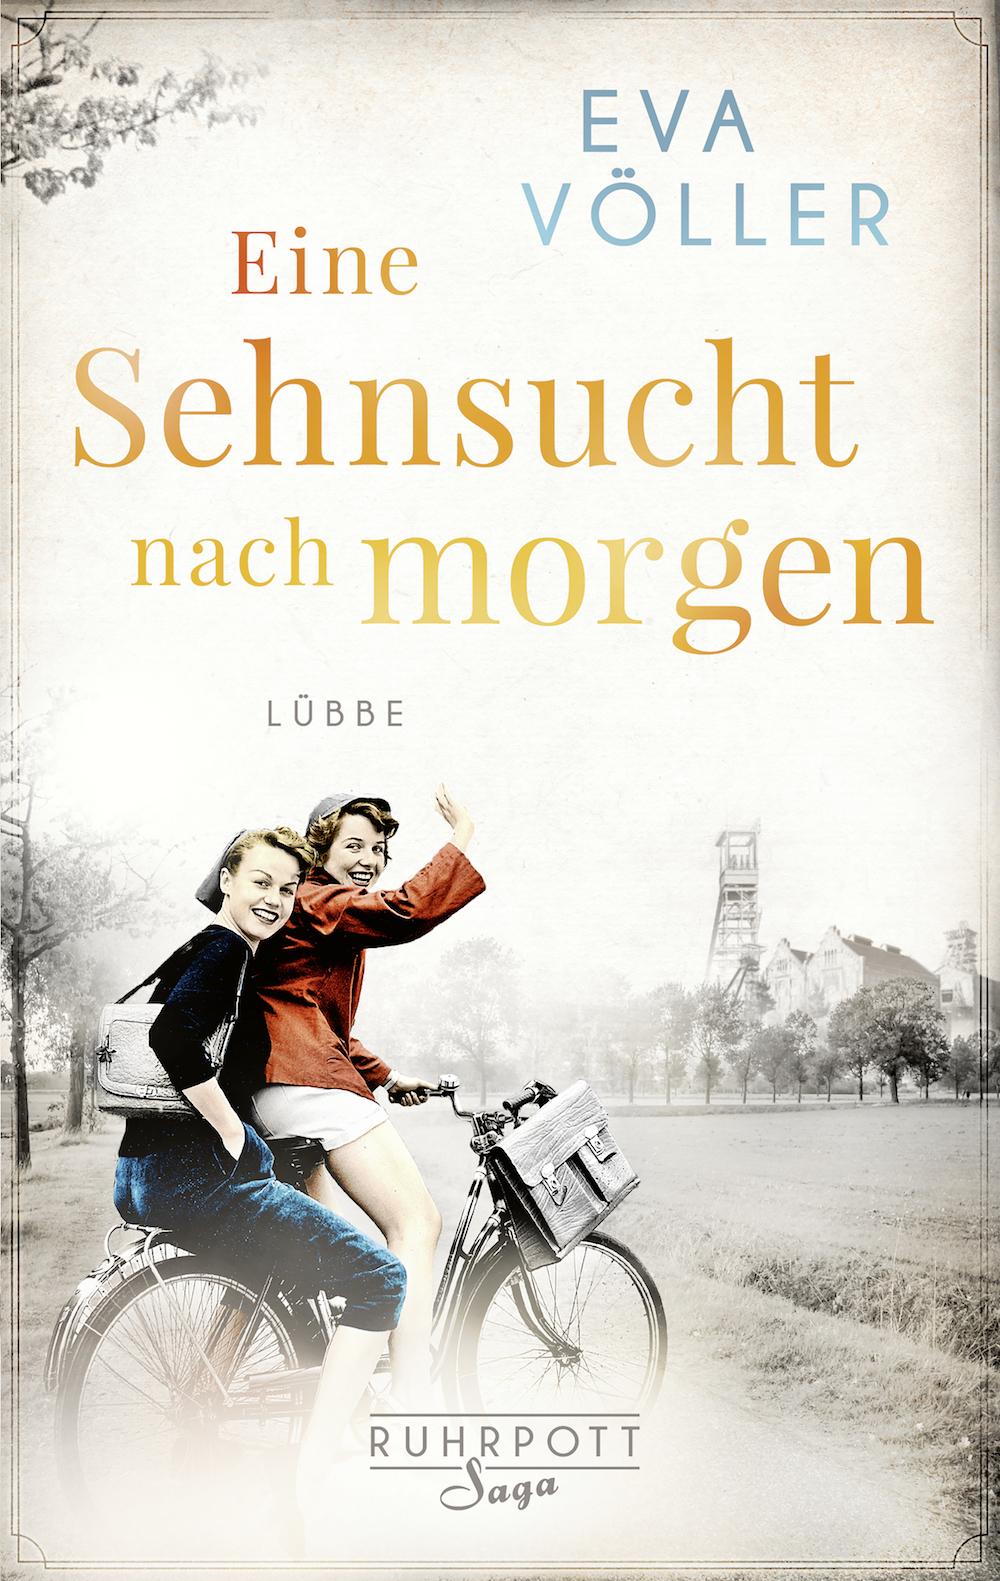 Band 3 der Ruhrpottsaga von Eva Völler erscheint heute